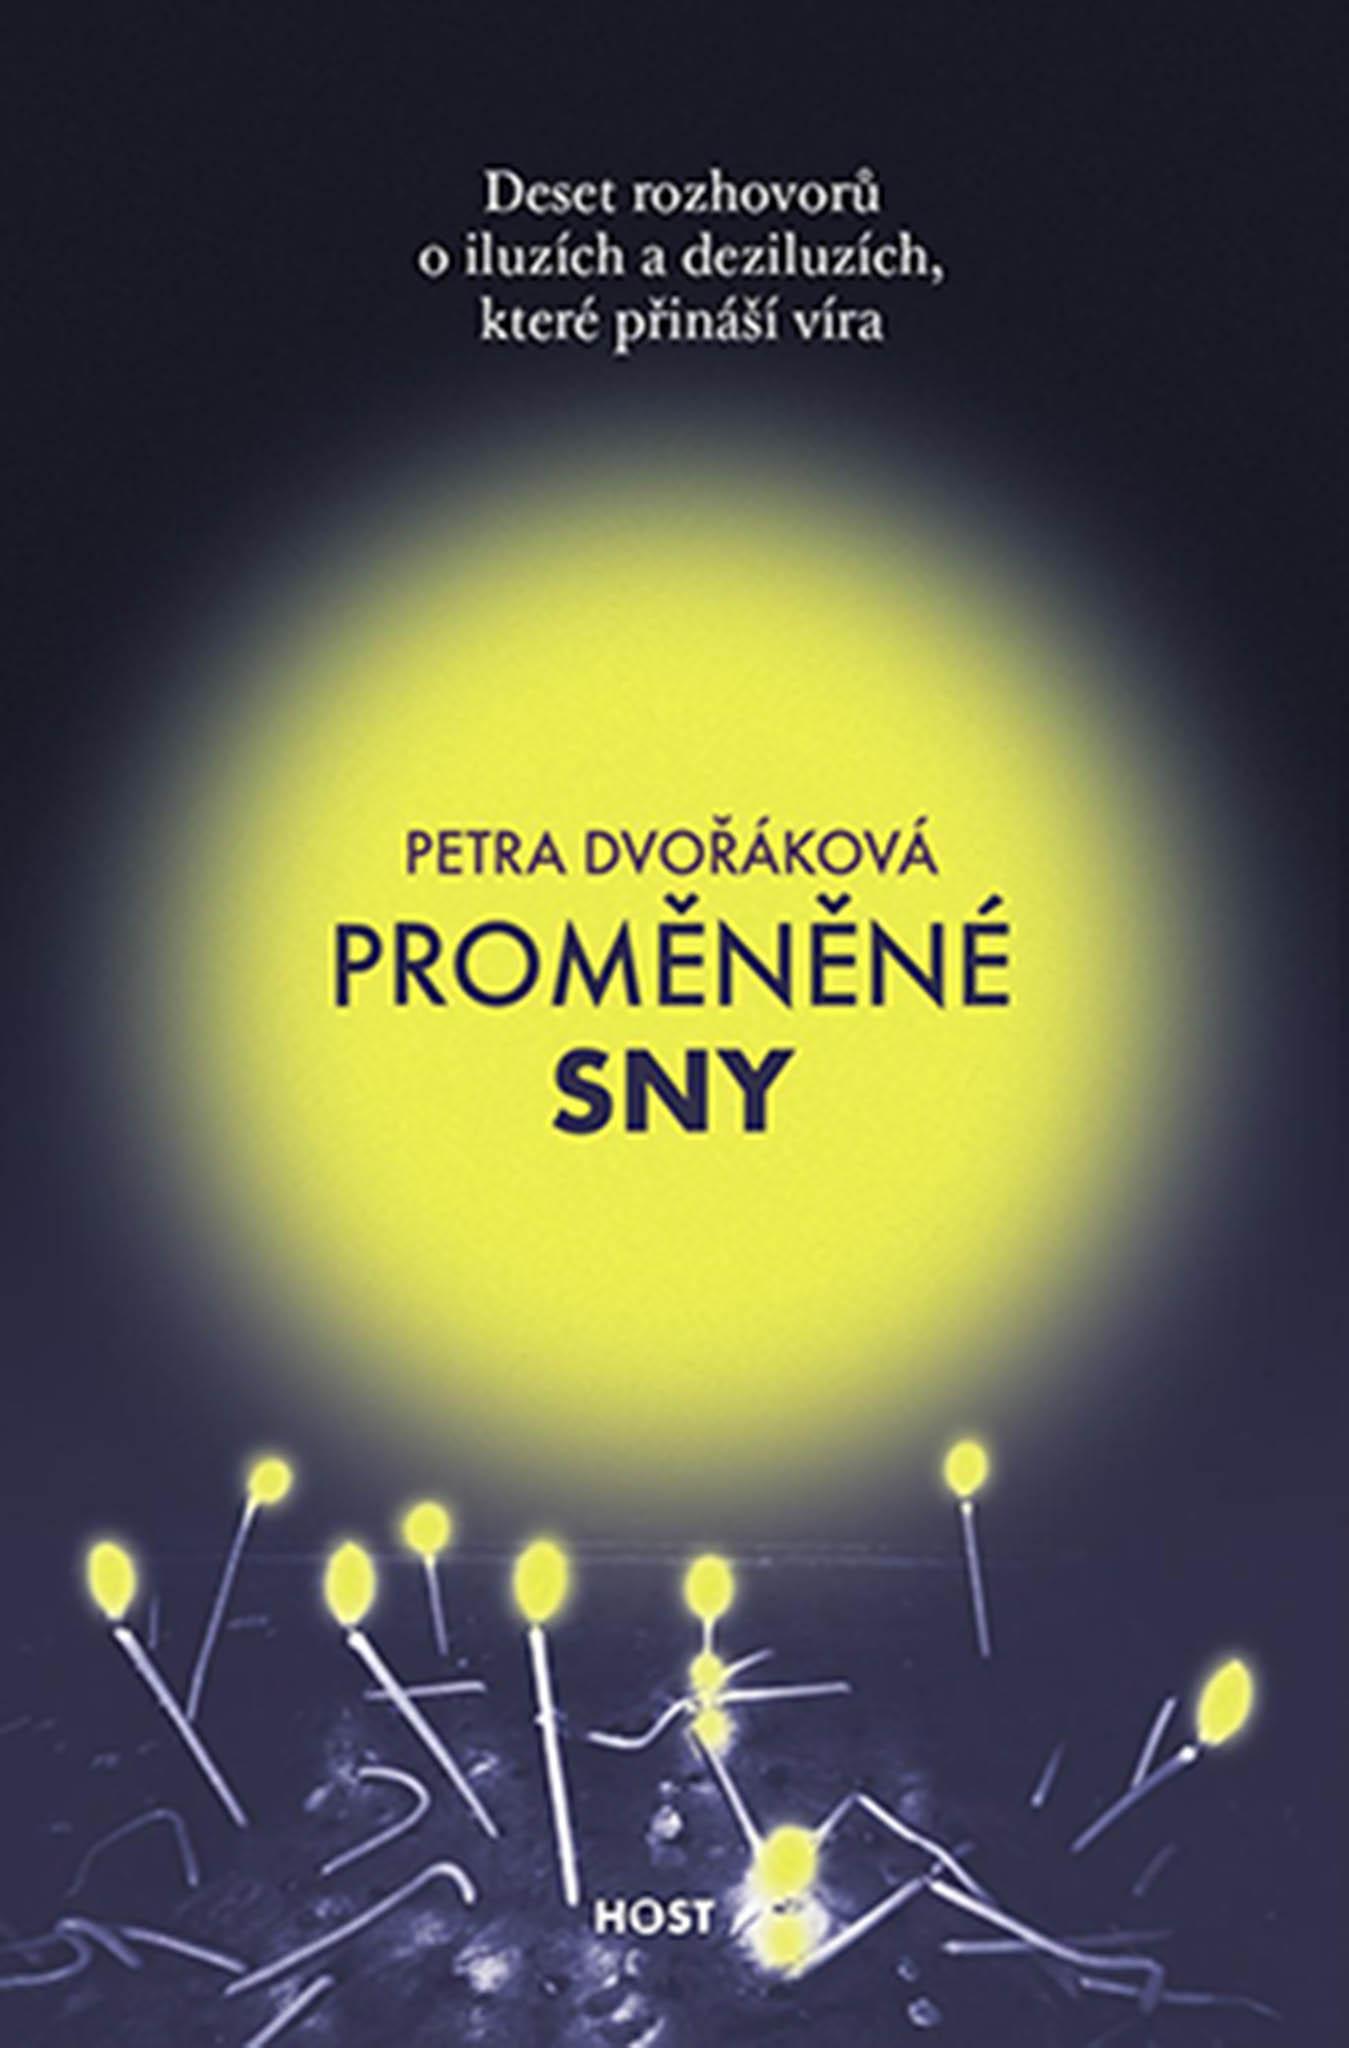 Petra Dvořáková: Proměněné sny, Host, 2006